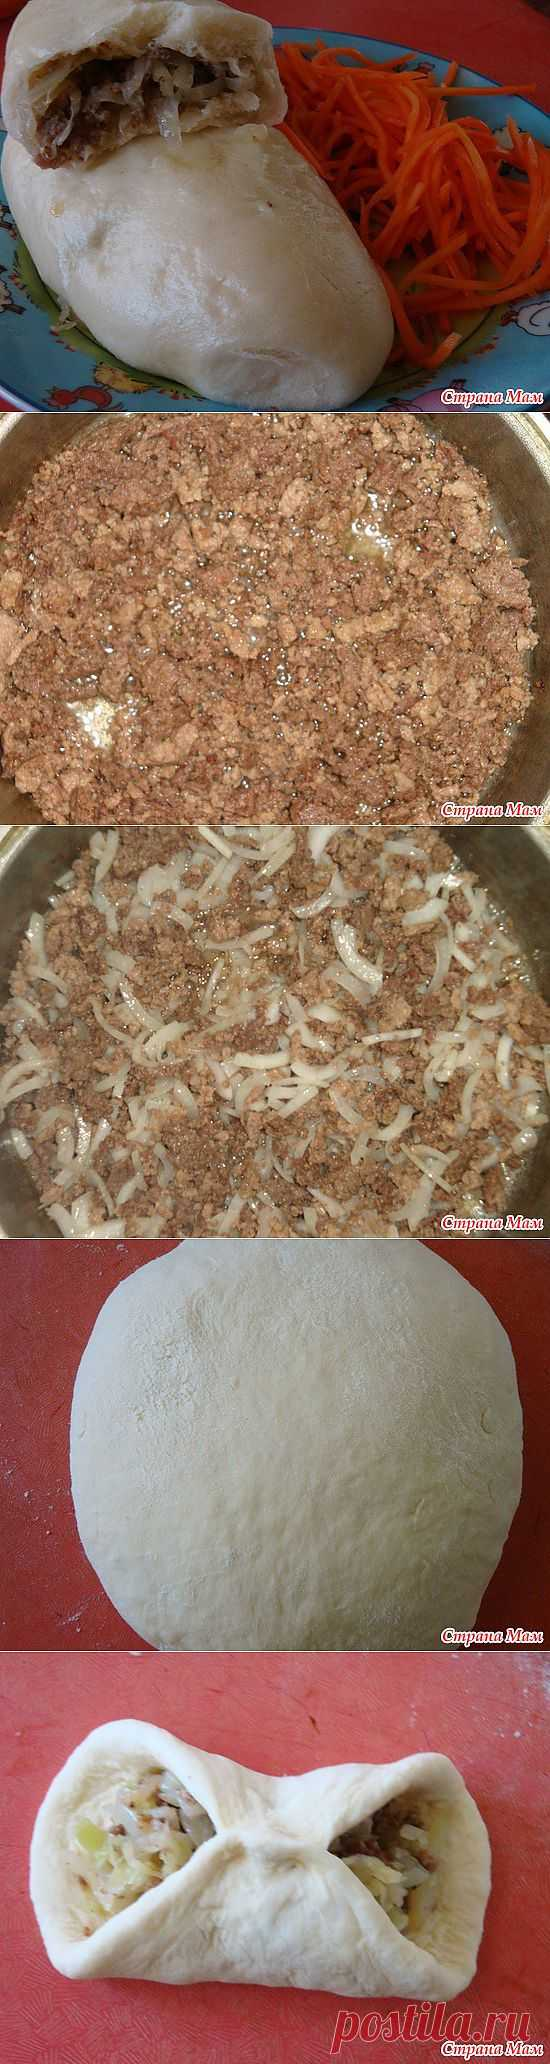 Пигоди-корейские пироги с мясом и капустой.